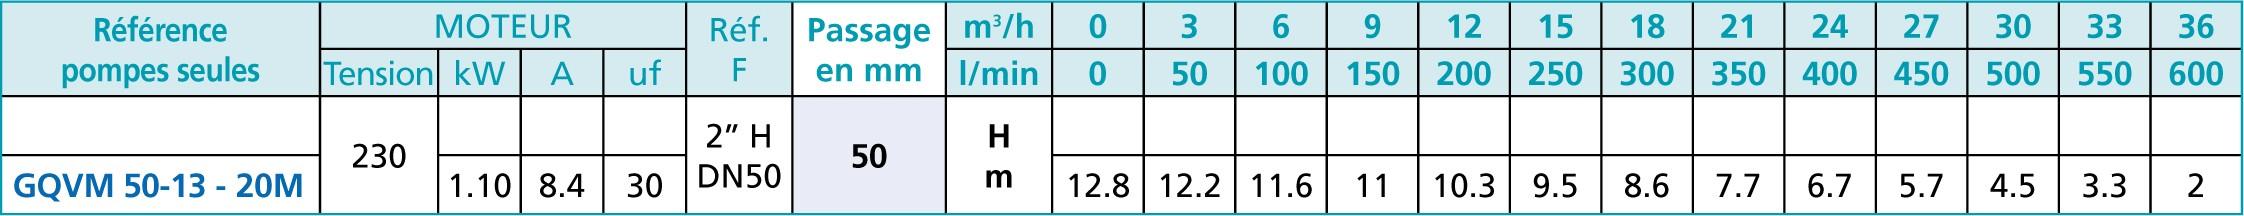 Caracteristique pompe GQVM 50-13